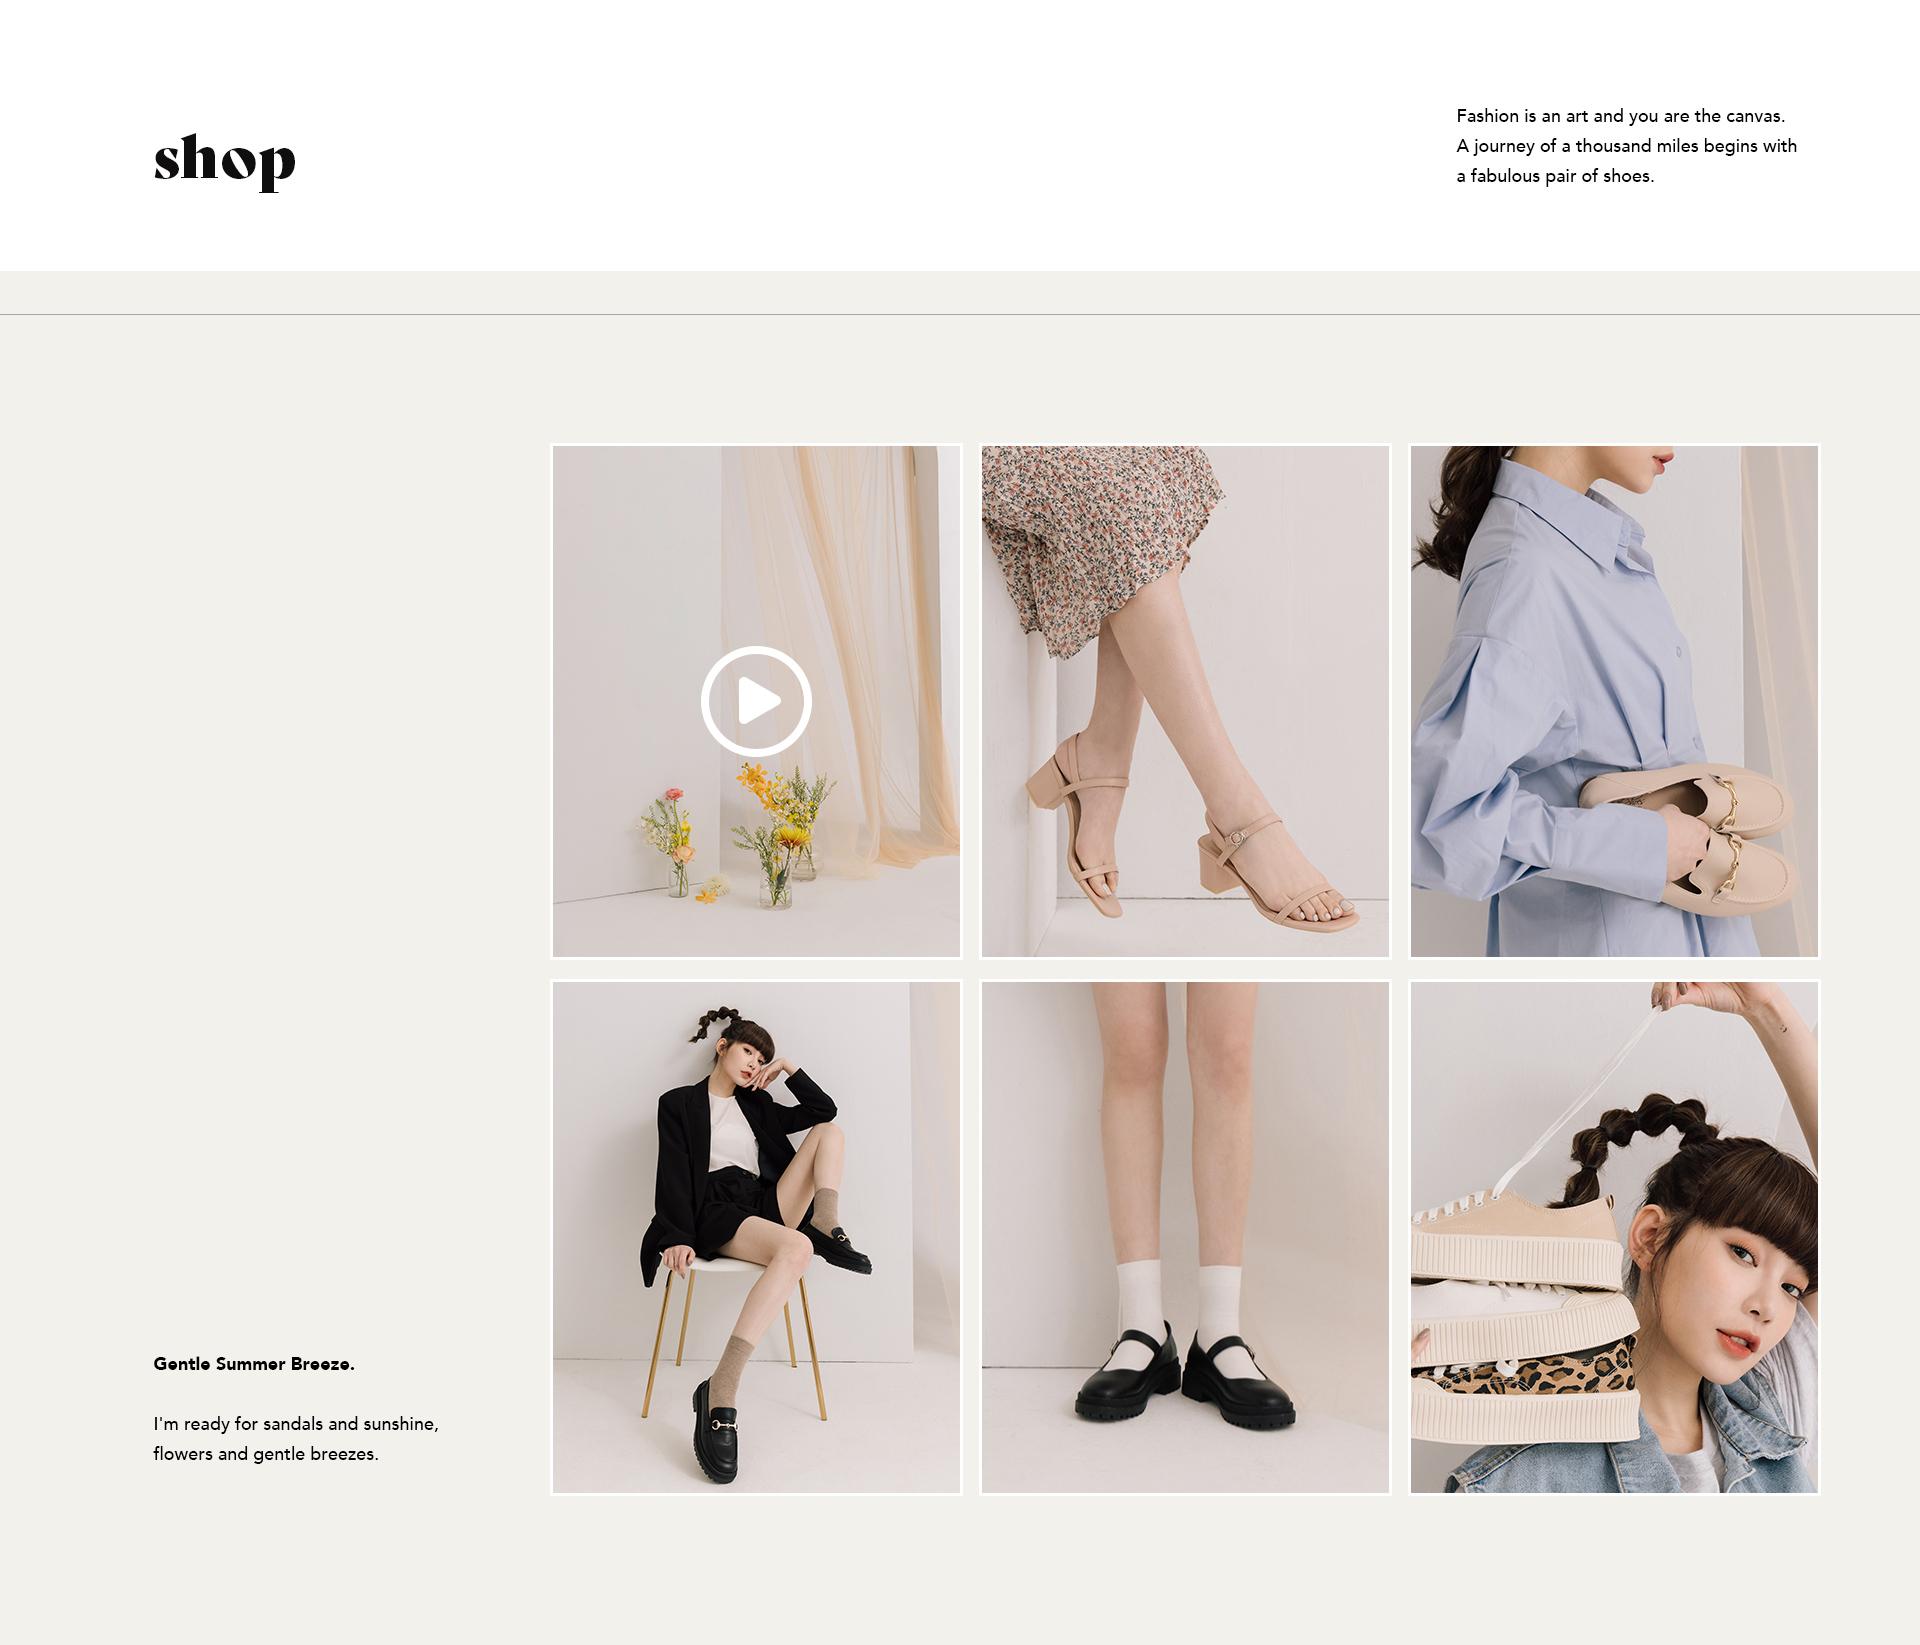 2021鞋子(女)推薦 流鞋女鞋 春夏鞋款 休閒鞋 樂福鞋 瑪莉珍鞋 涼鞋 D+AF YOUTUBE